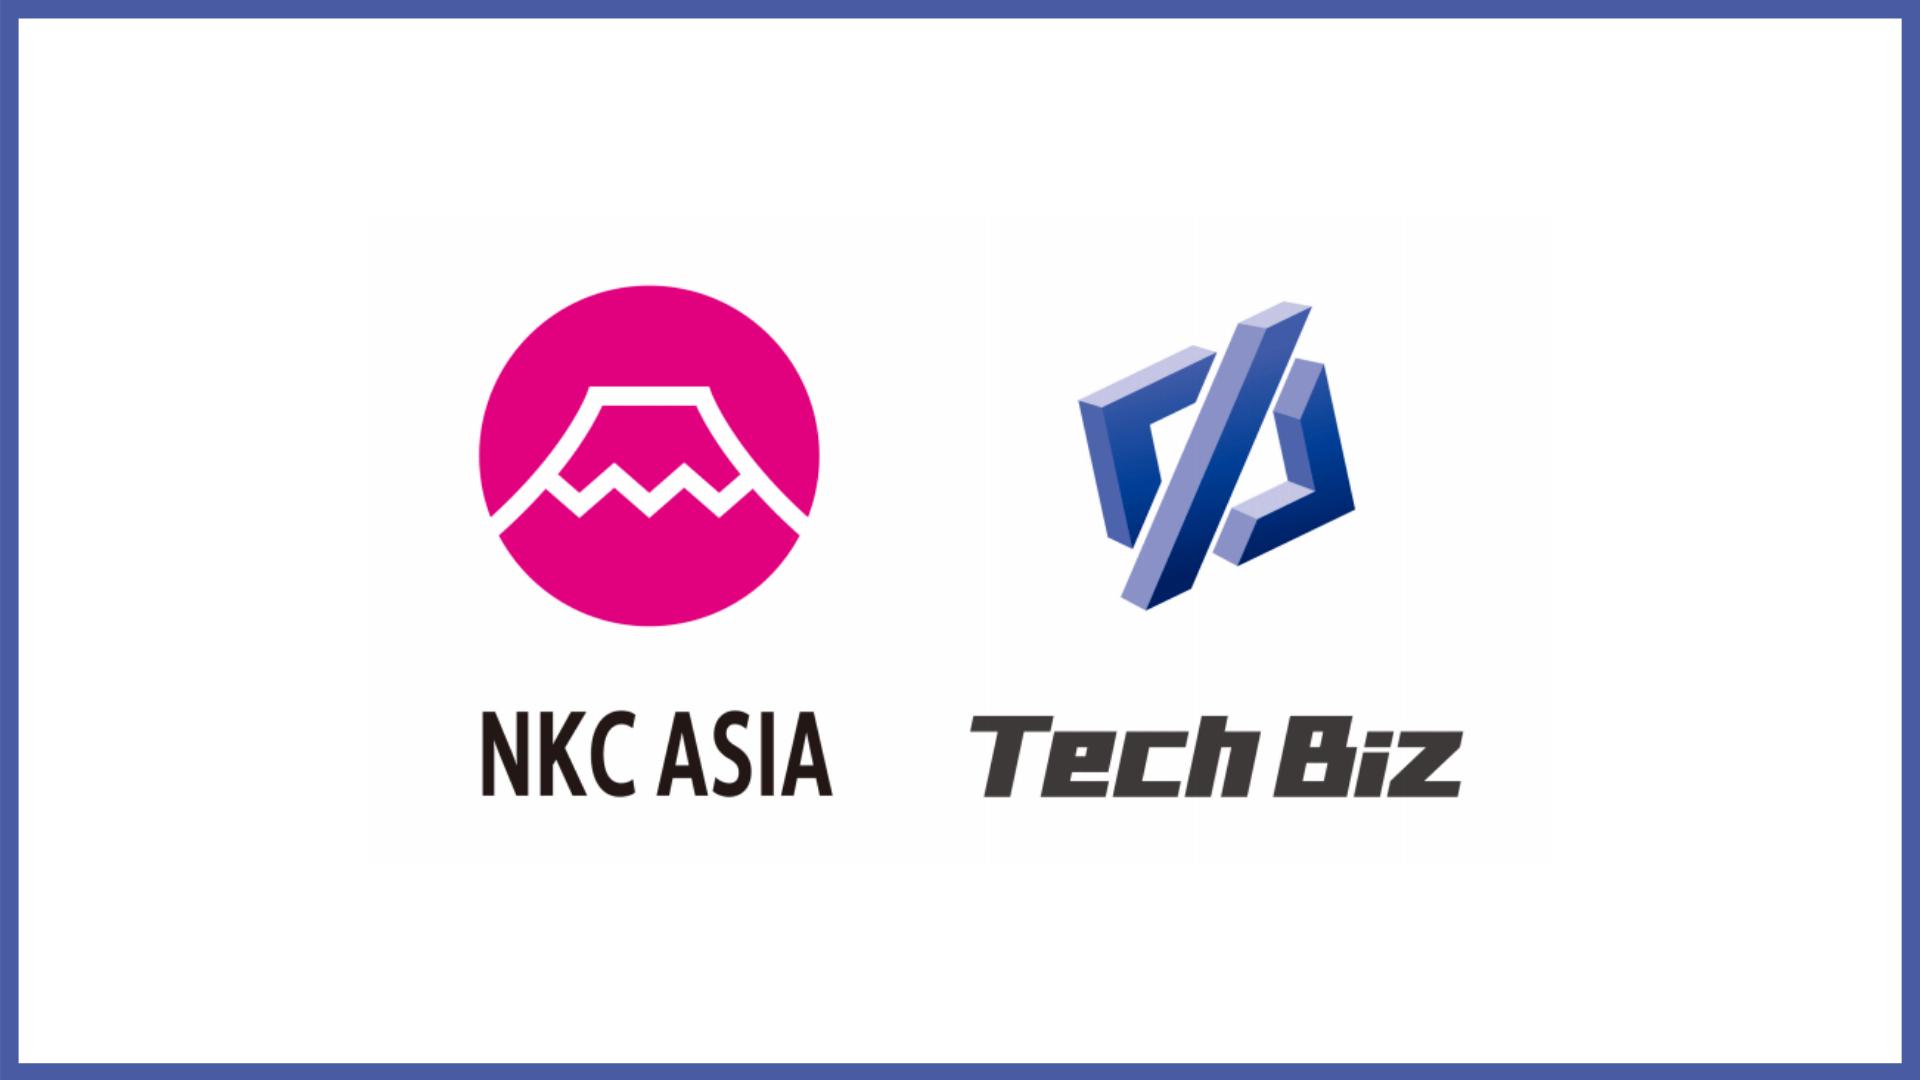 【担当紹介あり】NKC ASIAの評判は?フリーランスにおすすめできるかを解説